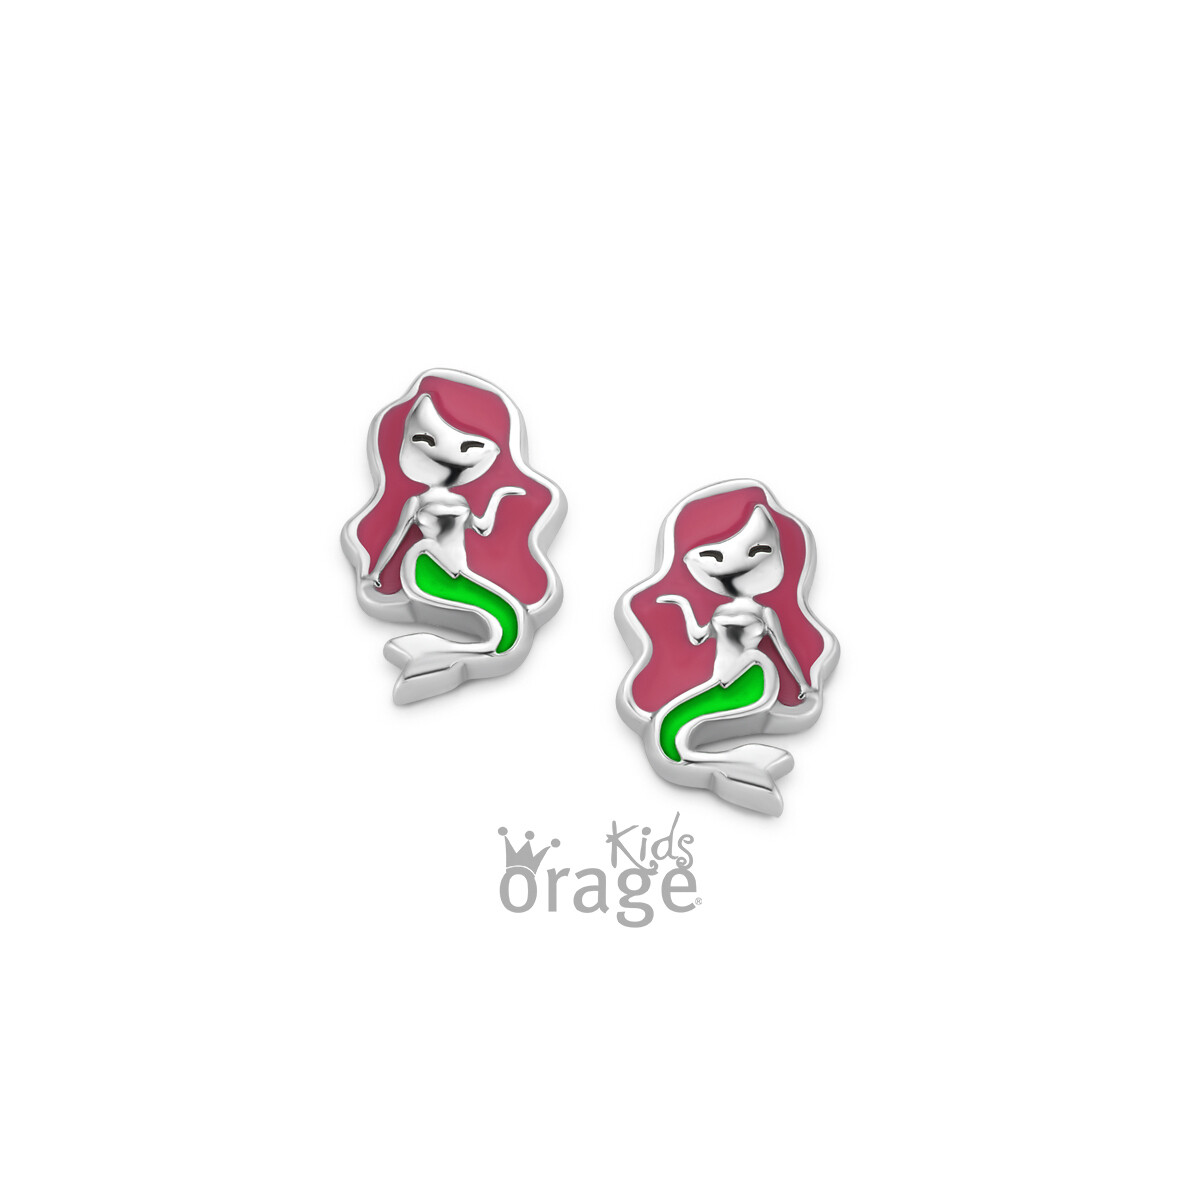 Boucles d'oreilles Orage Kids K1887